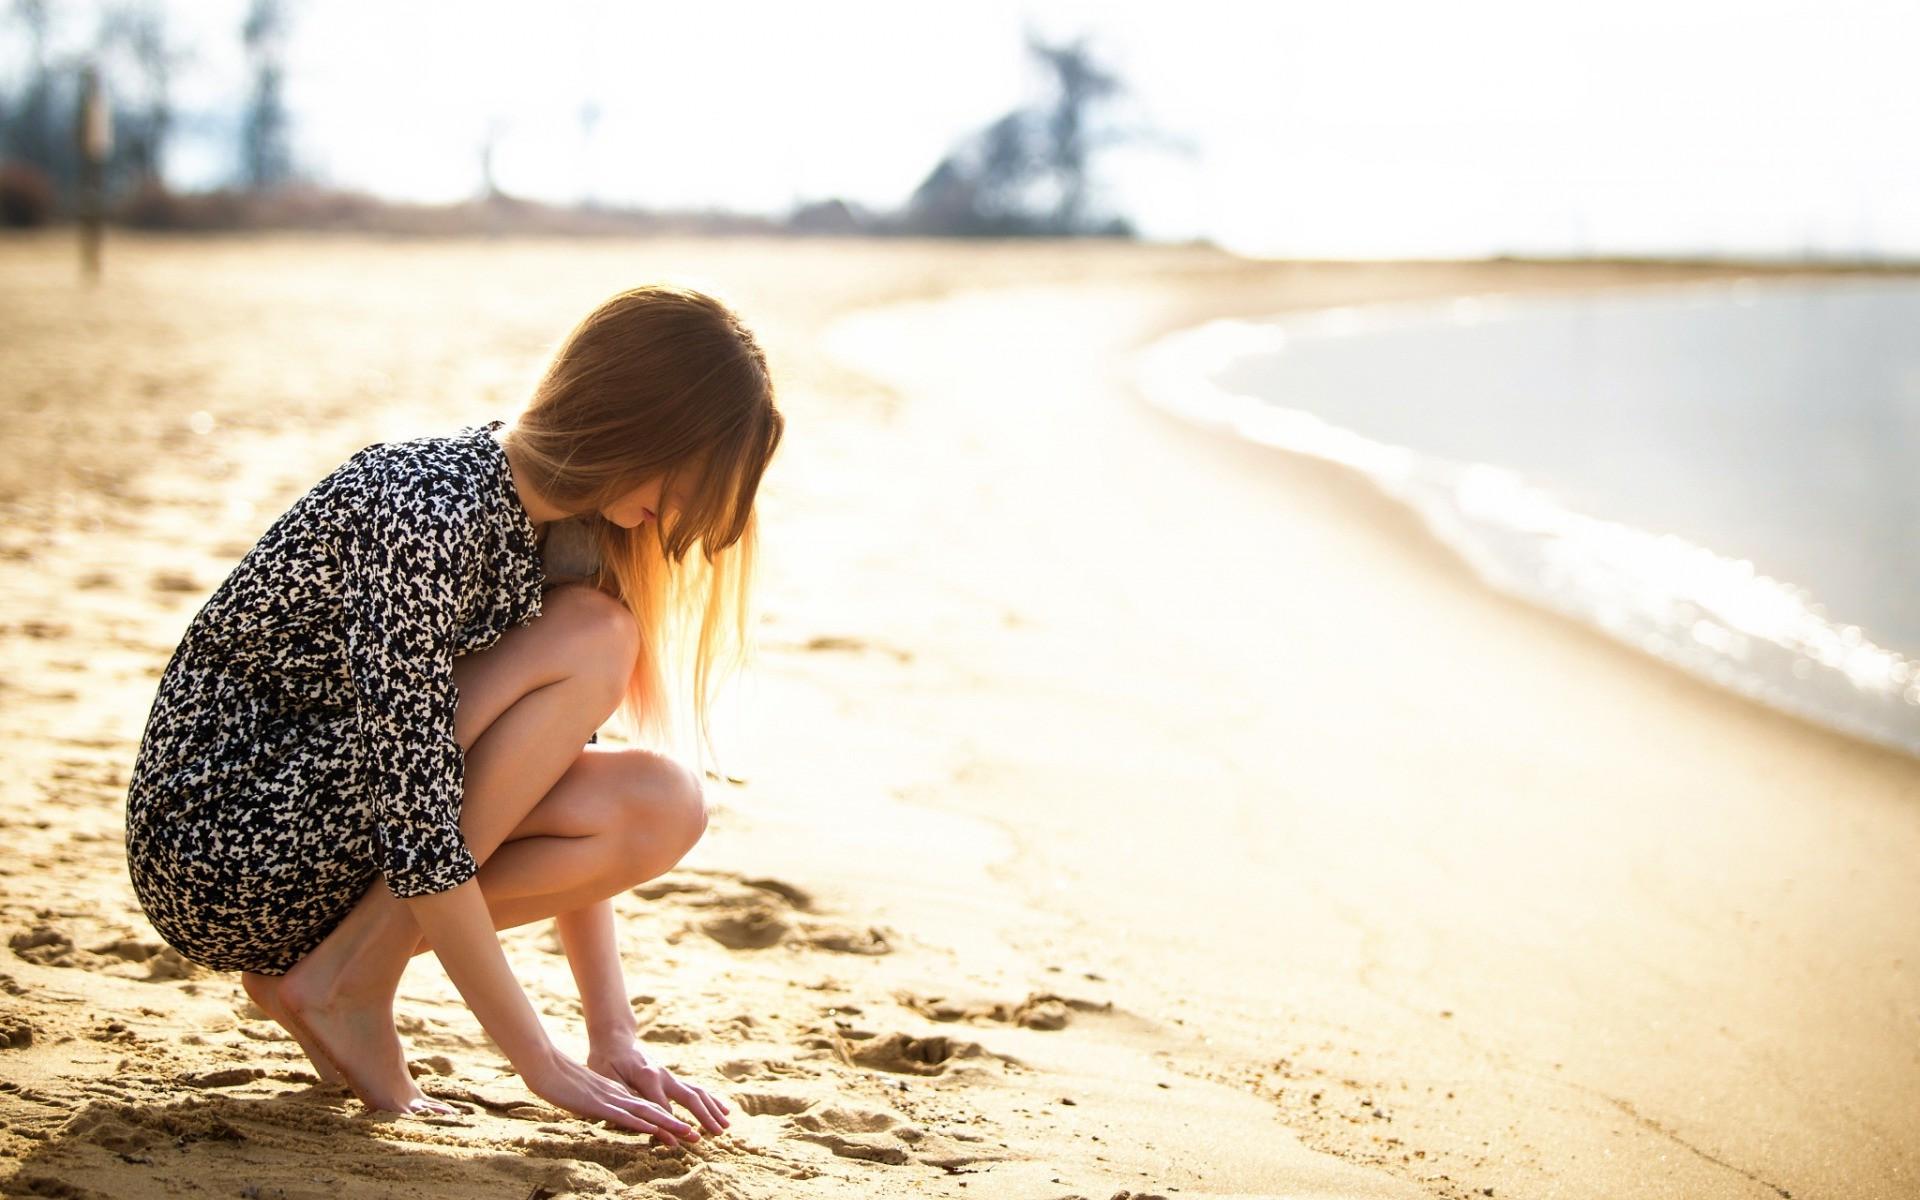 Capelli lisci in spiaggia